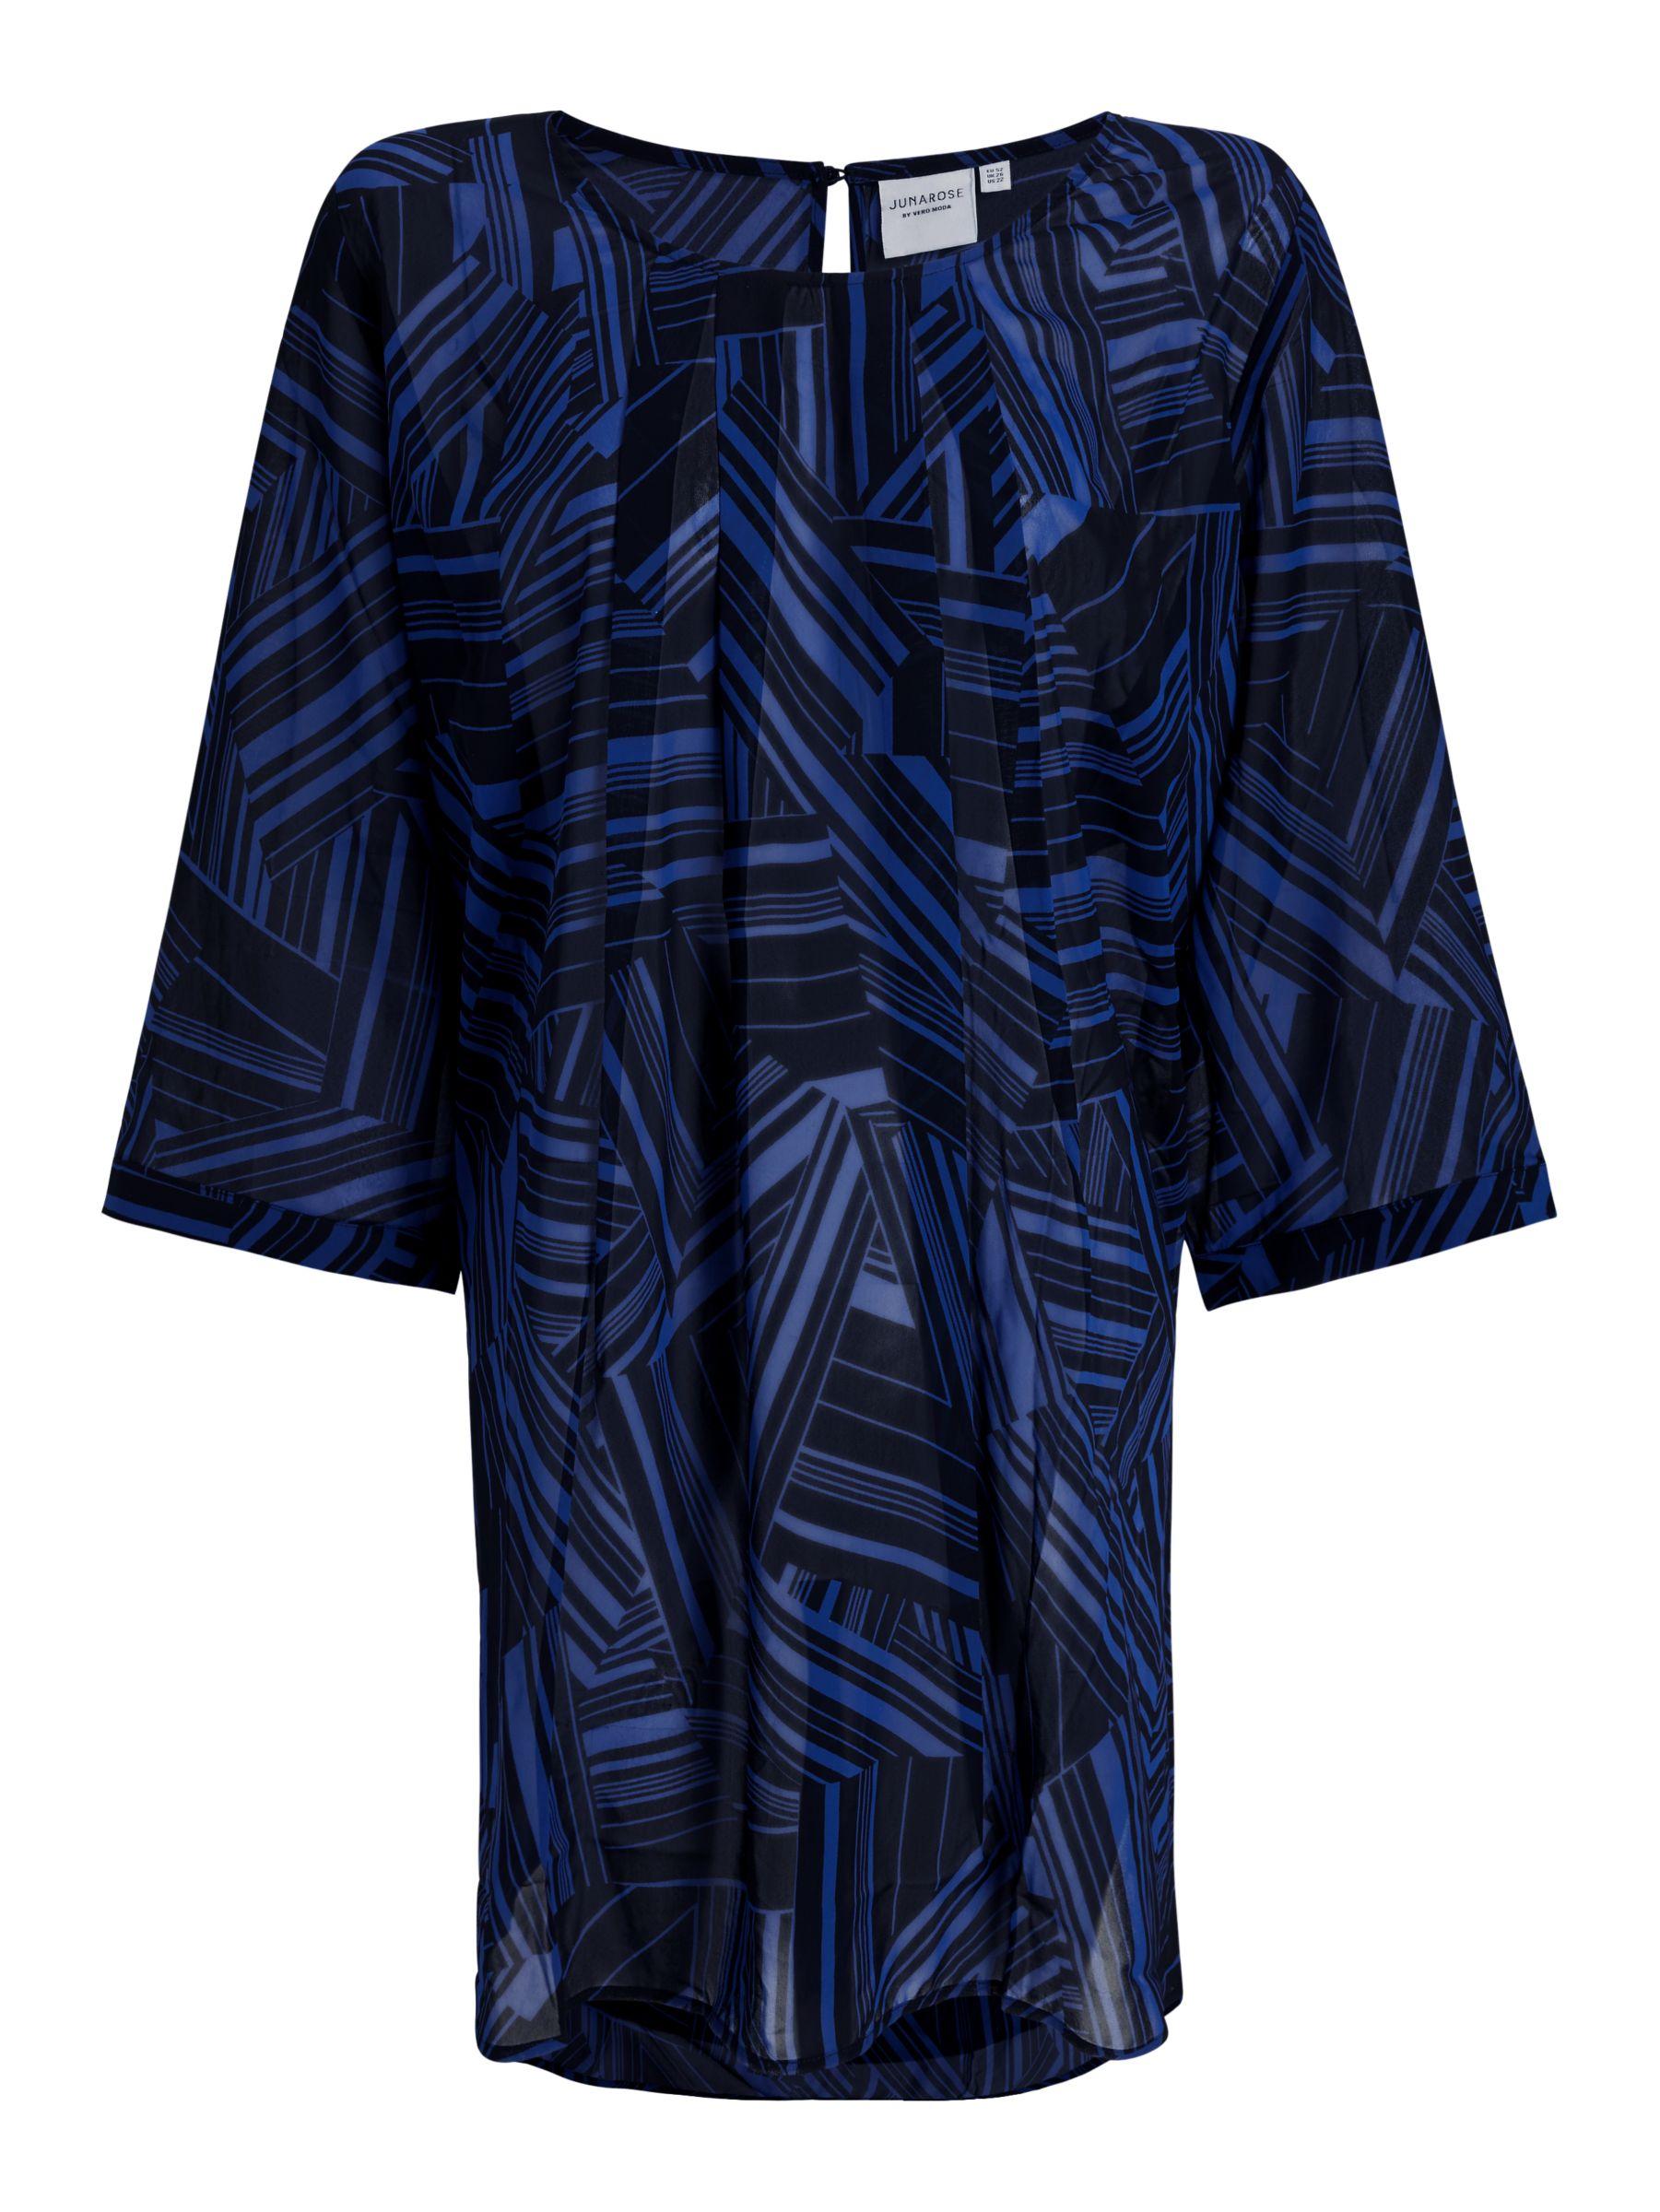 Junarose JUNAROSE Curve Kidaroy Tunic Top, Black/Blue